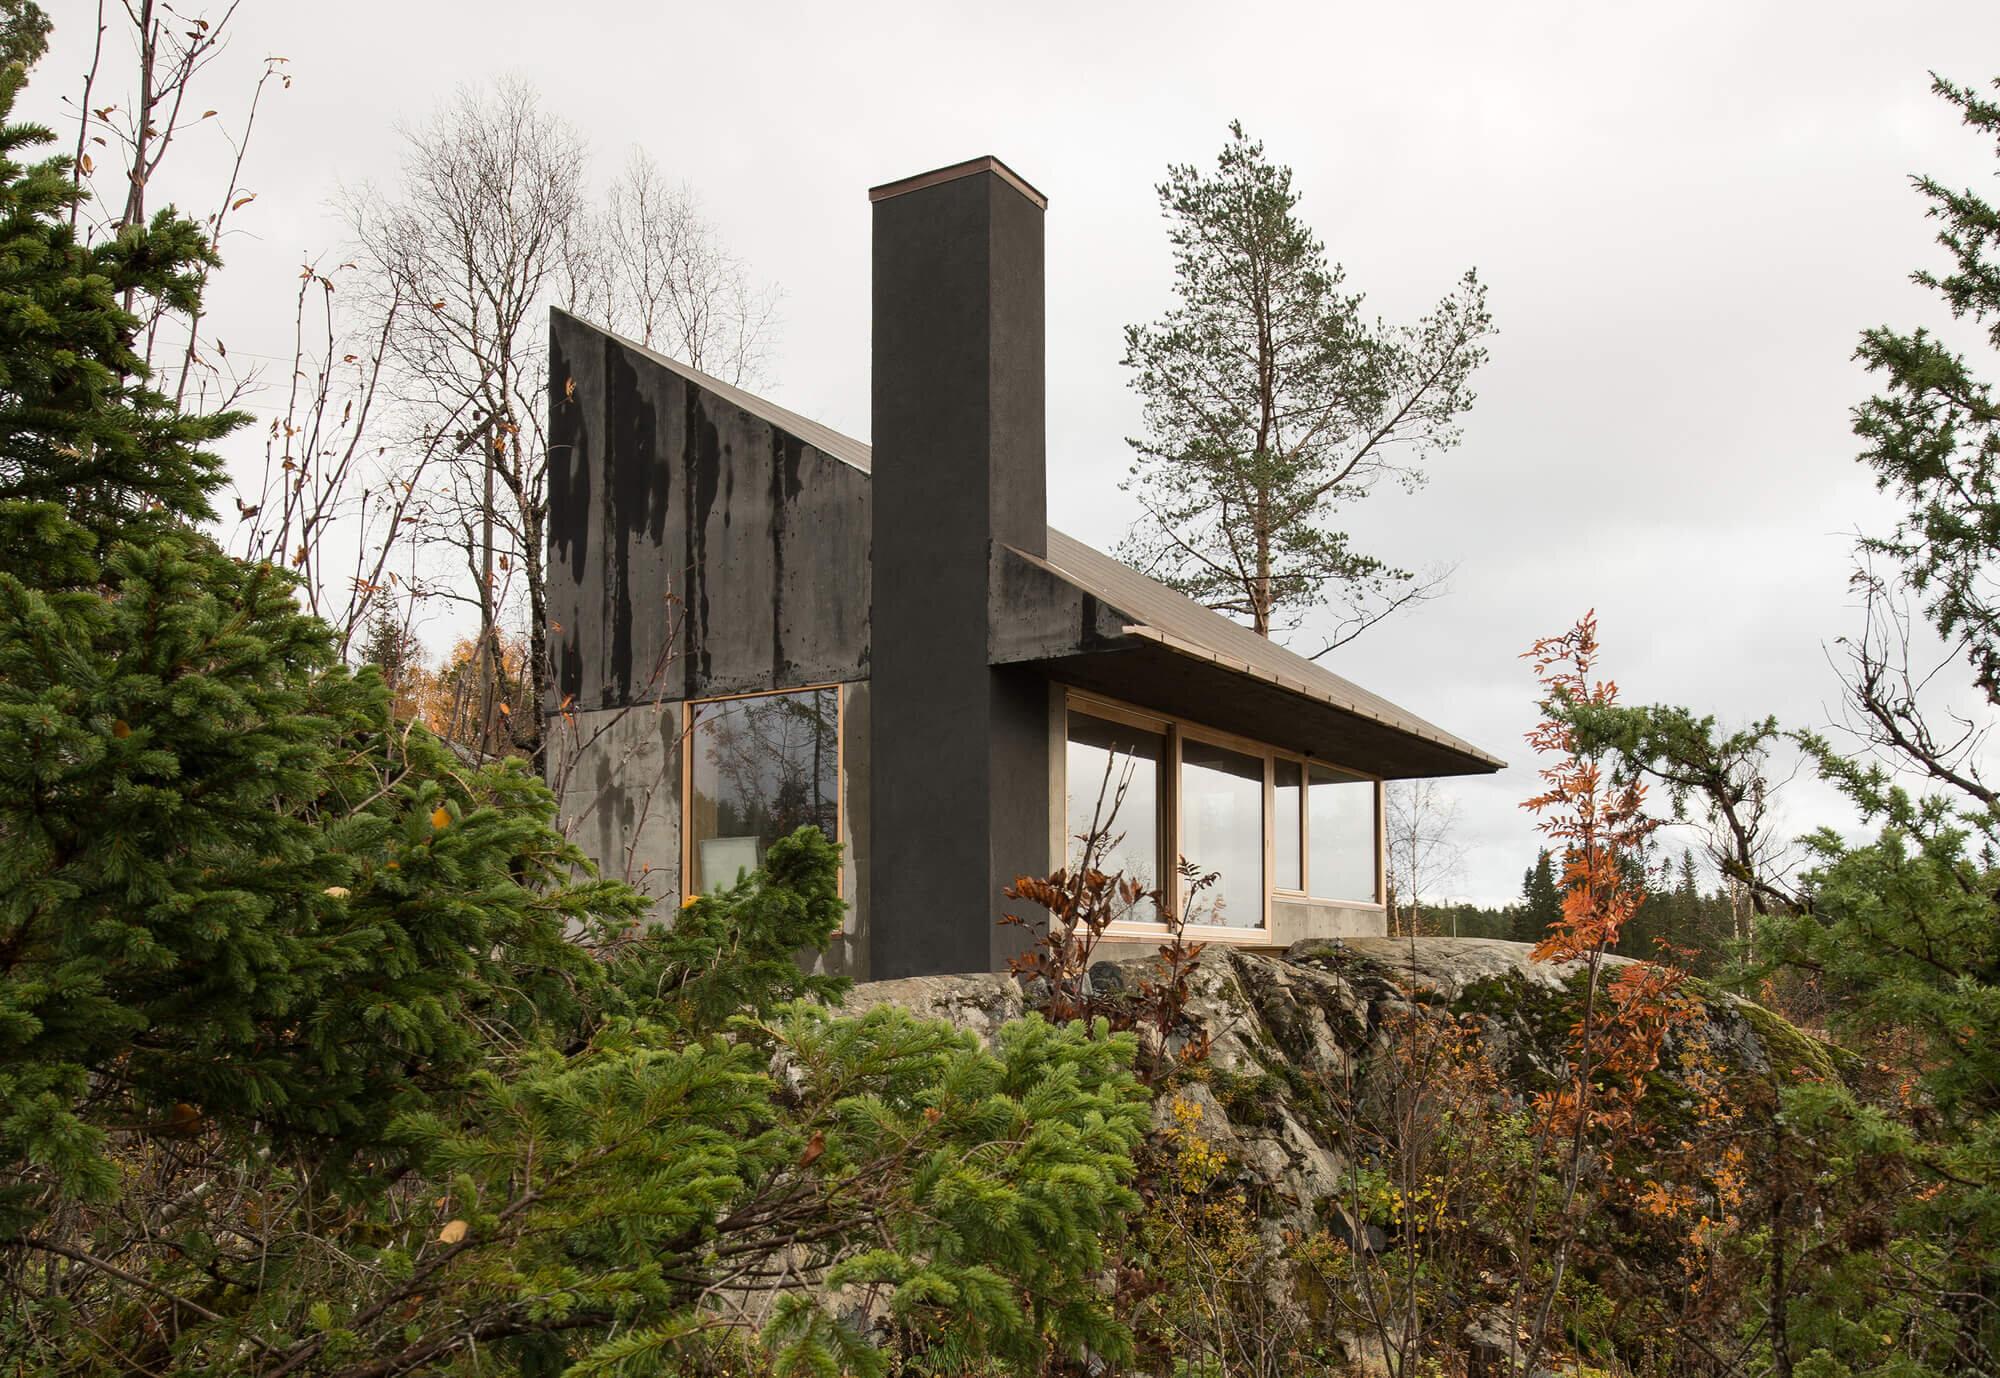 Cabin-Rones-Sanden+Hodnekvam-Architects-Norway-0